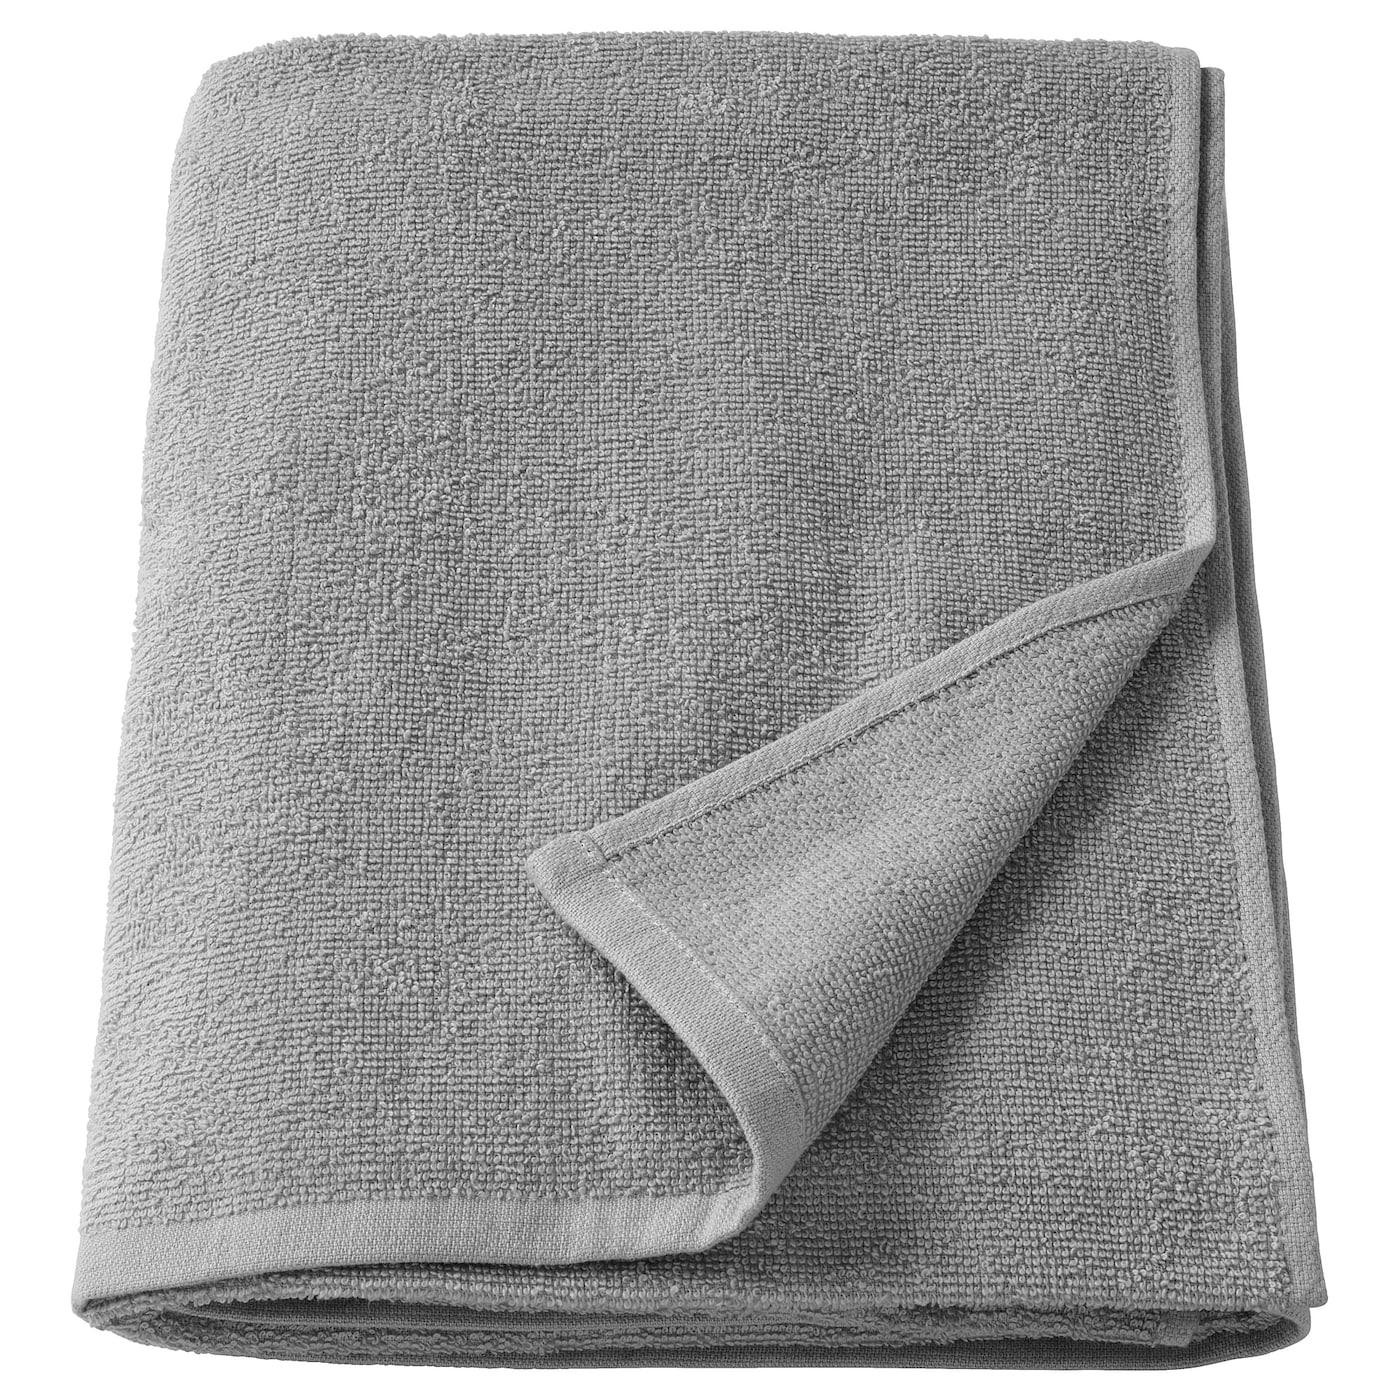 Offre IKEA frajen Serviette bain 100 x 150 cm 100/% coton beige haute qualité